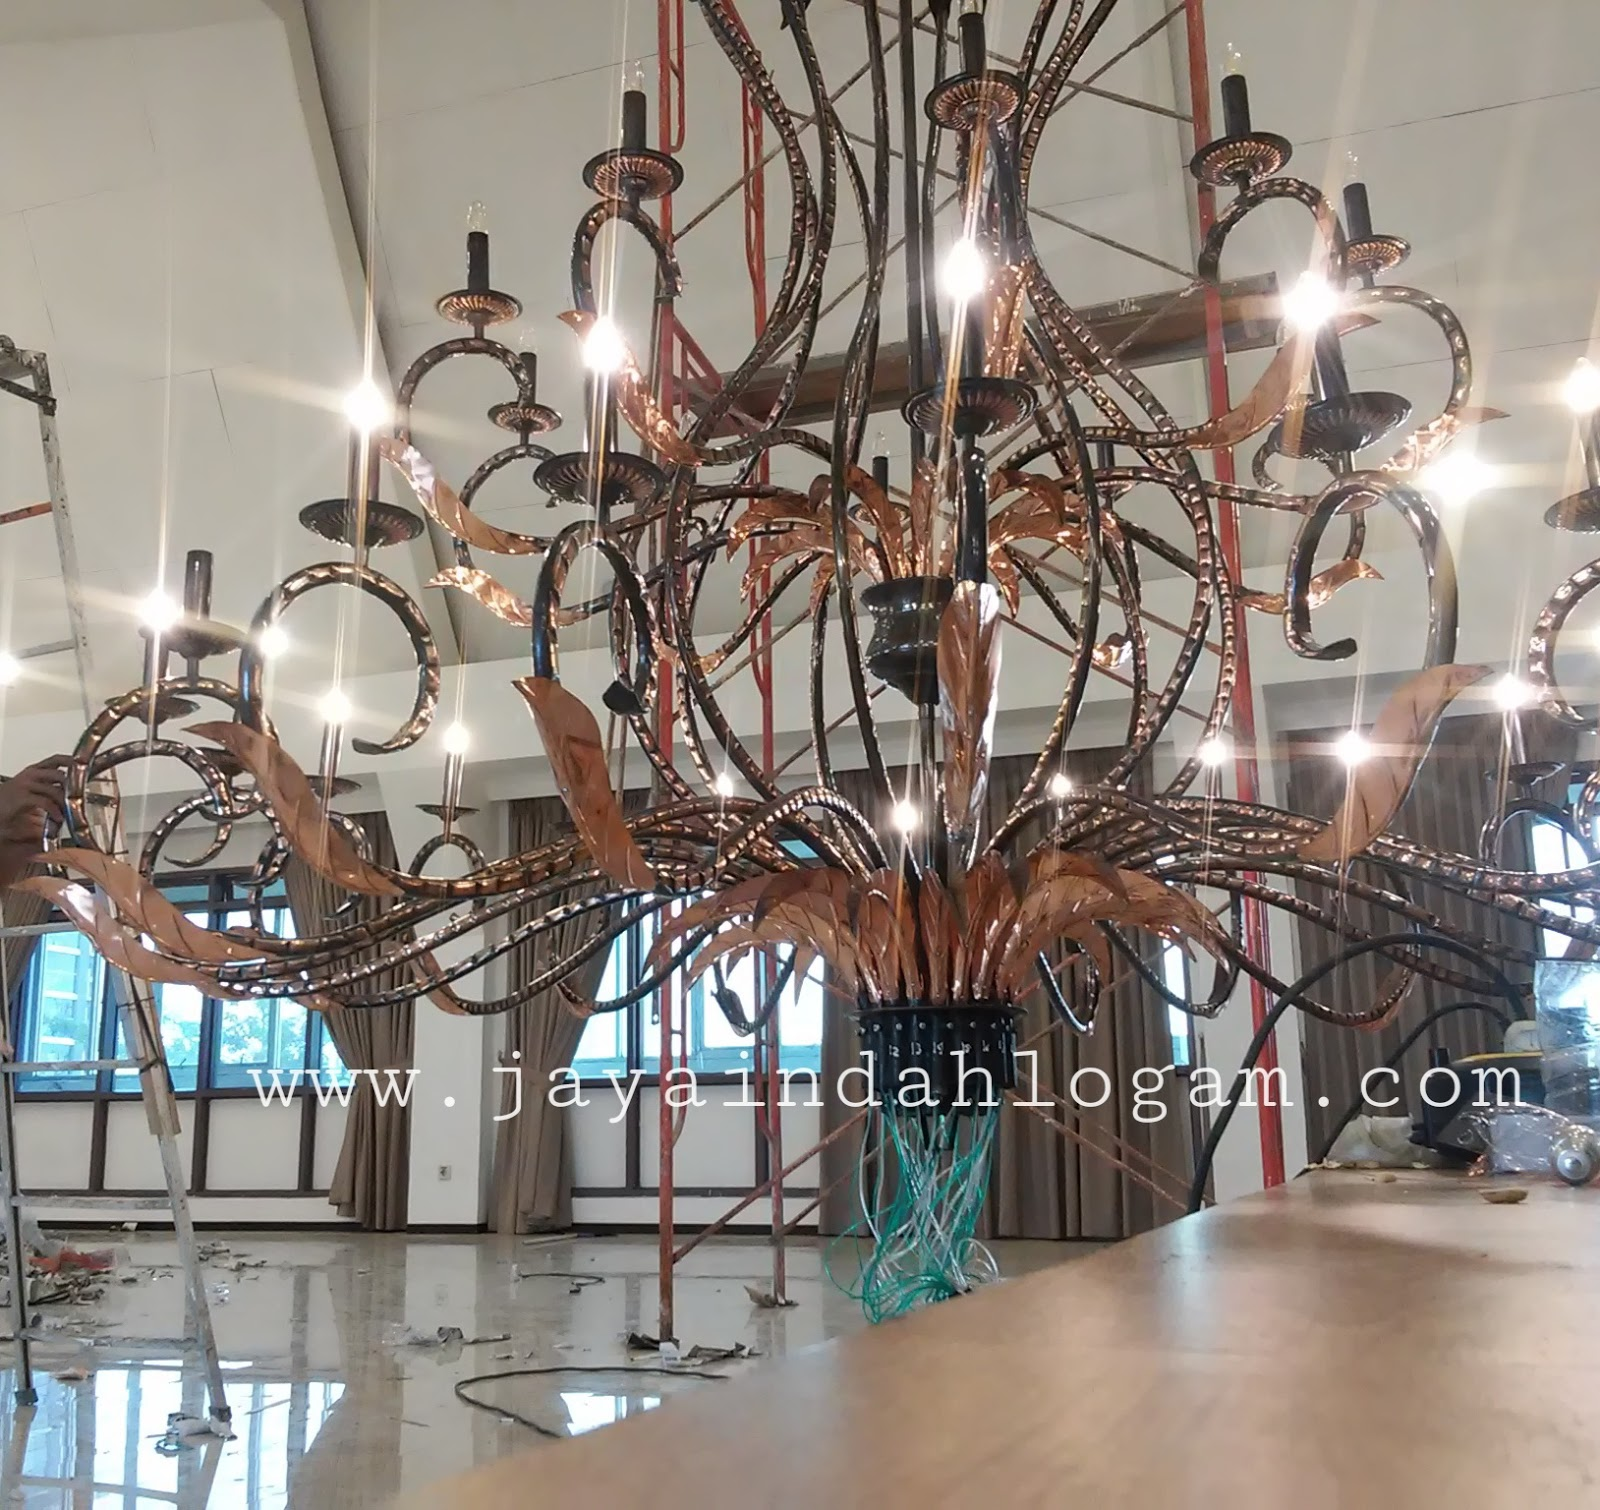 Lampu Robyong Tembaga atau lampu gantung tembaga